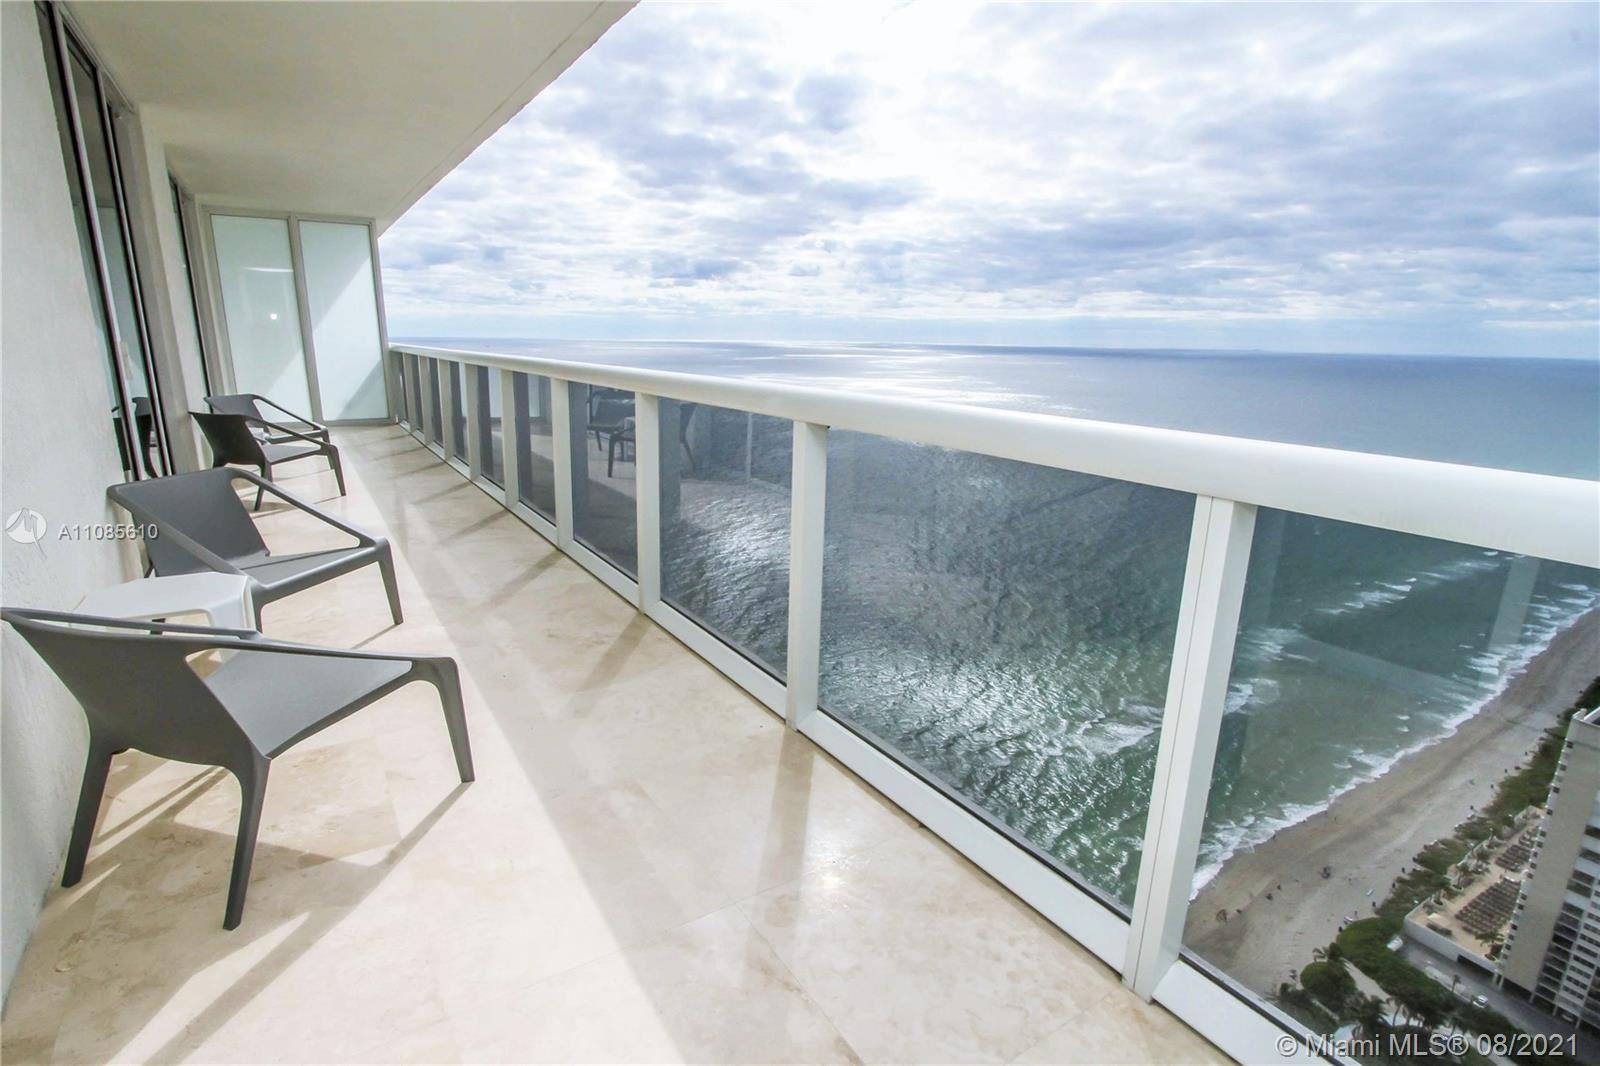 1830 S Ocean Dr #4903, Hallandale Beach, FL 33009 - #: A11085610